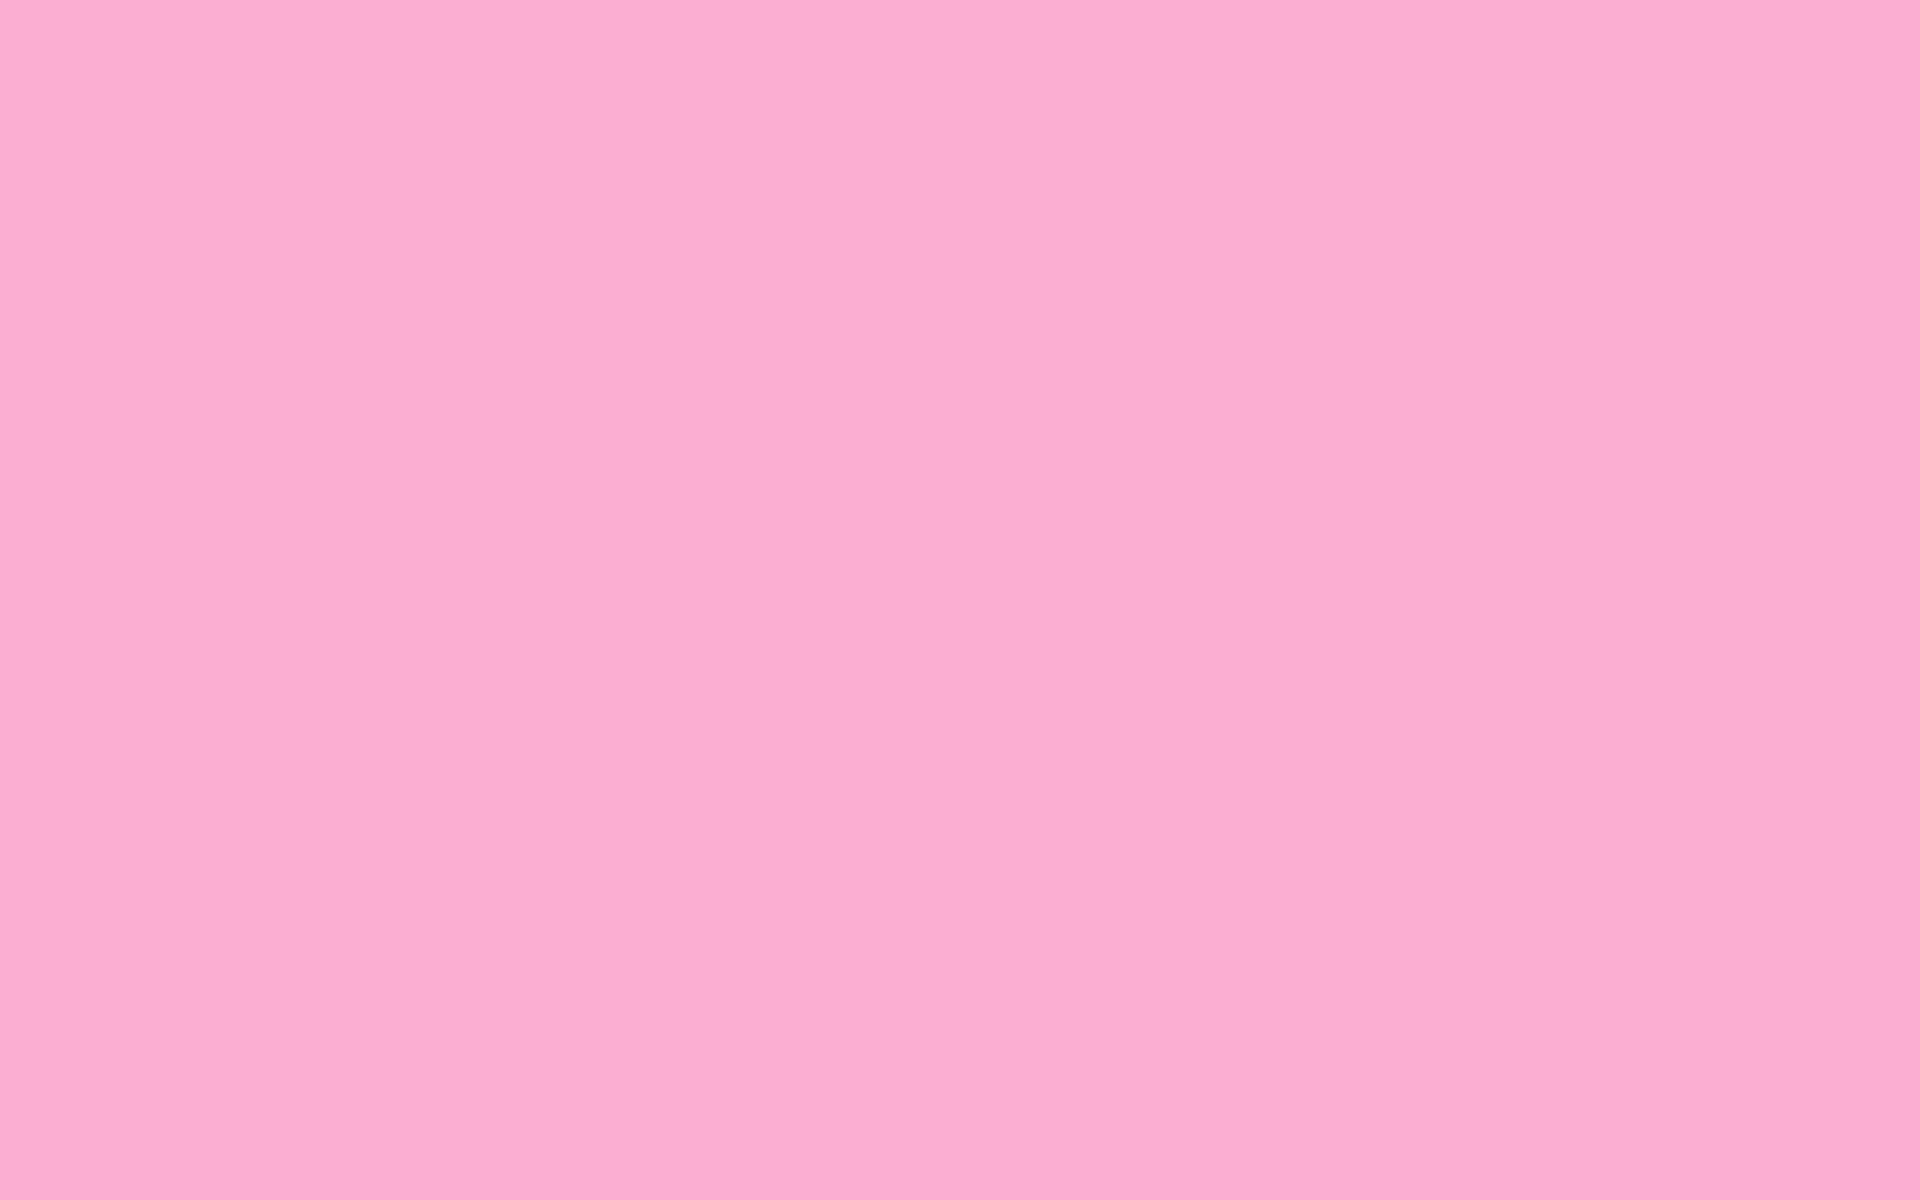 1920x1200 Lavender Pink Solid Color Background